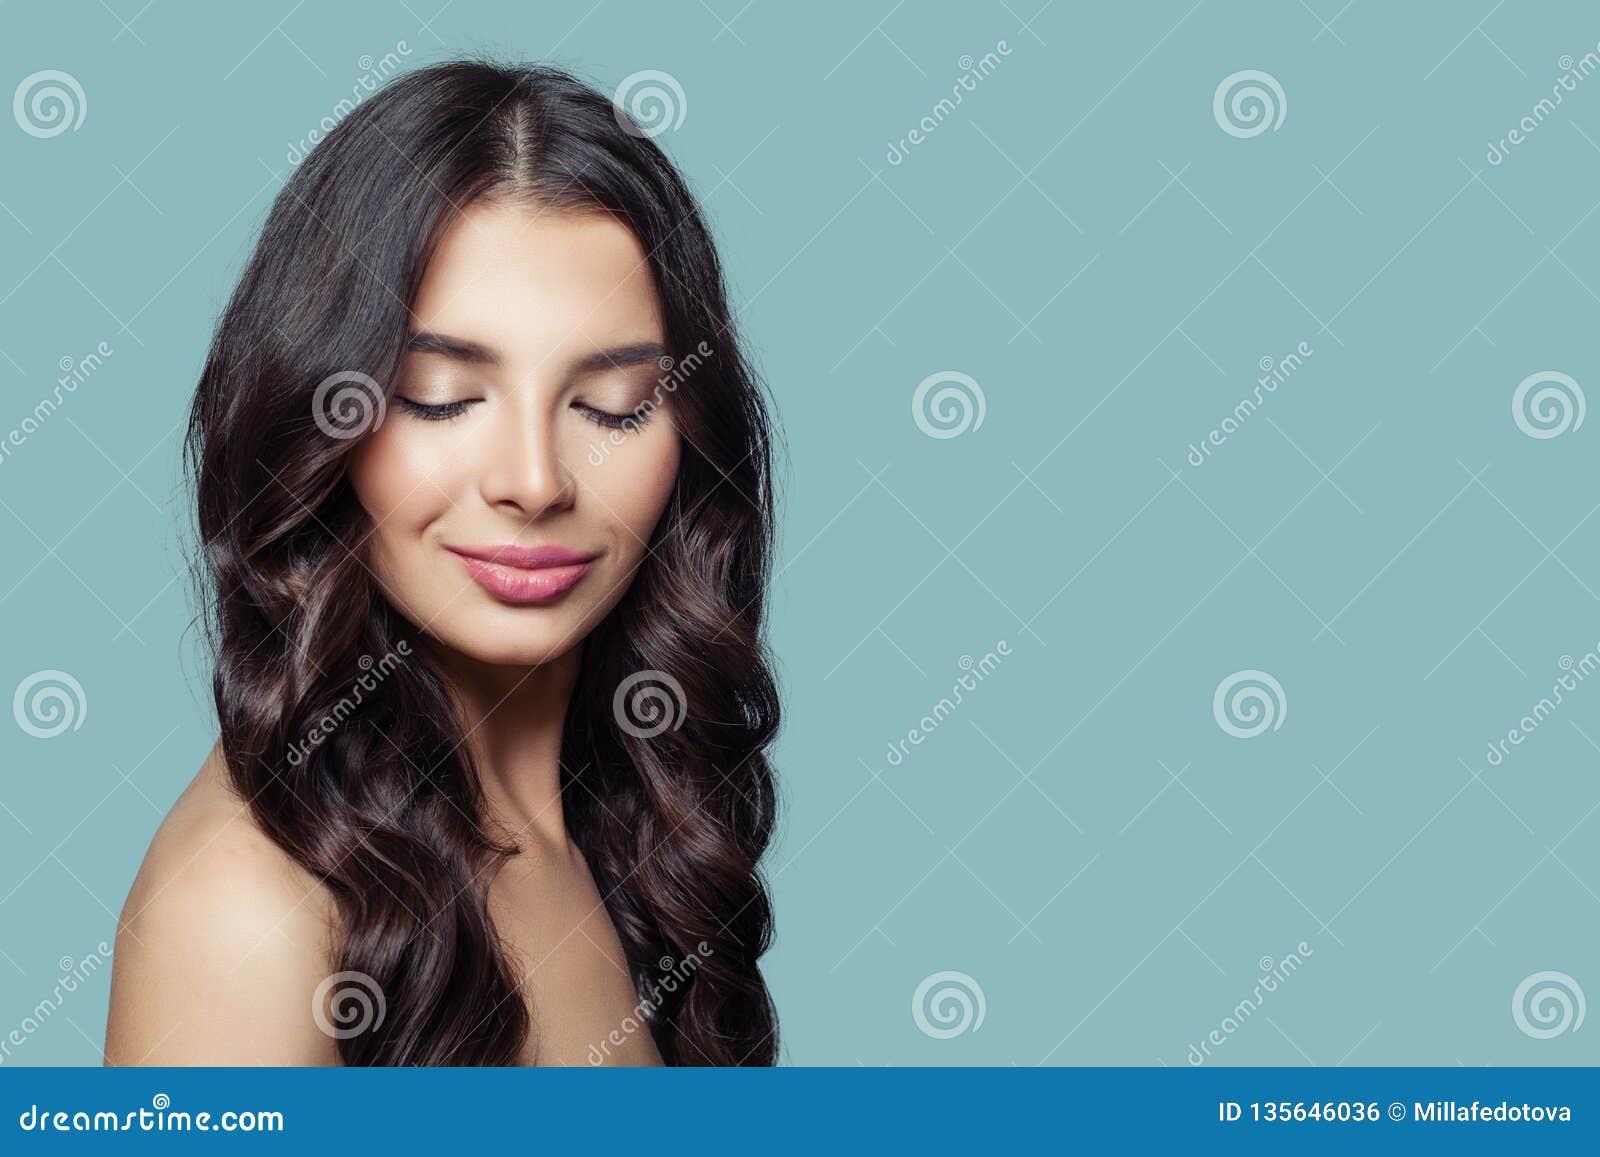 Νέα όμορφη γυναίκα με τη μακριά υγιή τρίχα και φυσικό makeup στο μπλε υπόβαθρο